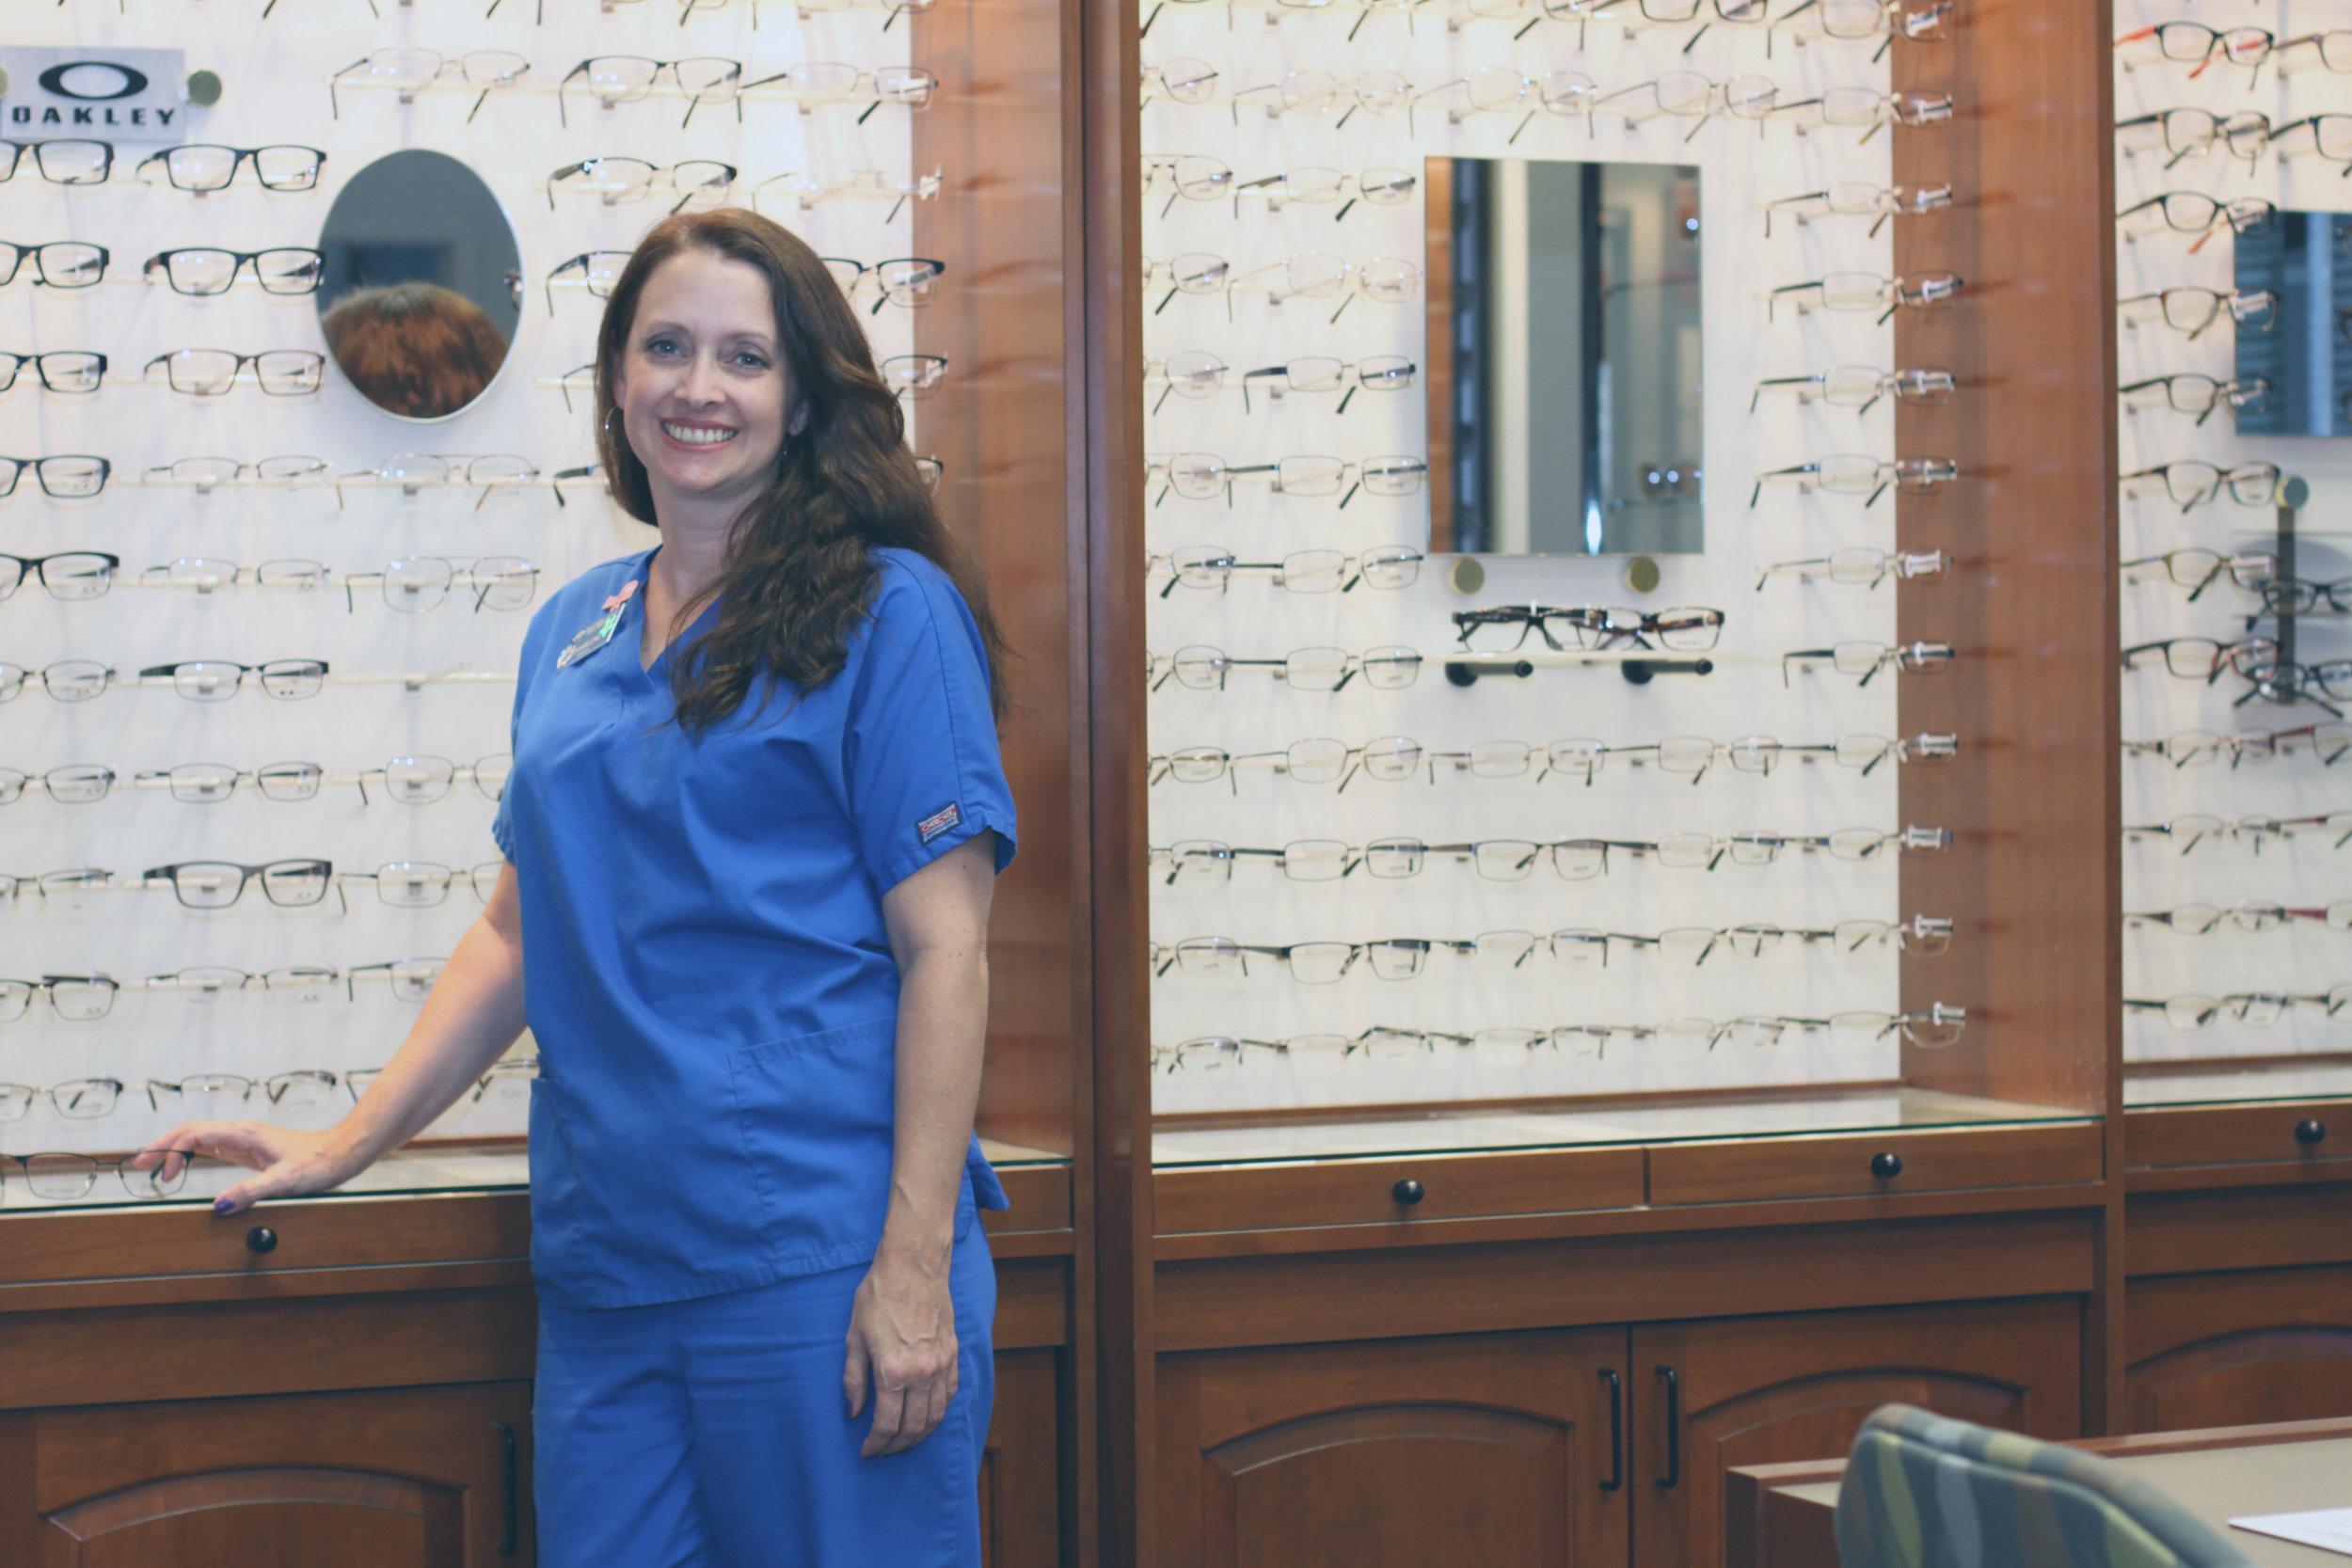 McFarland Eye Care Optical - Little Rock Optical (4).jpg